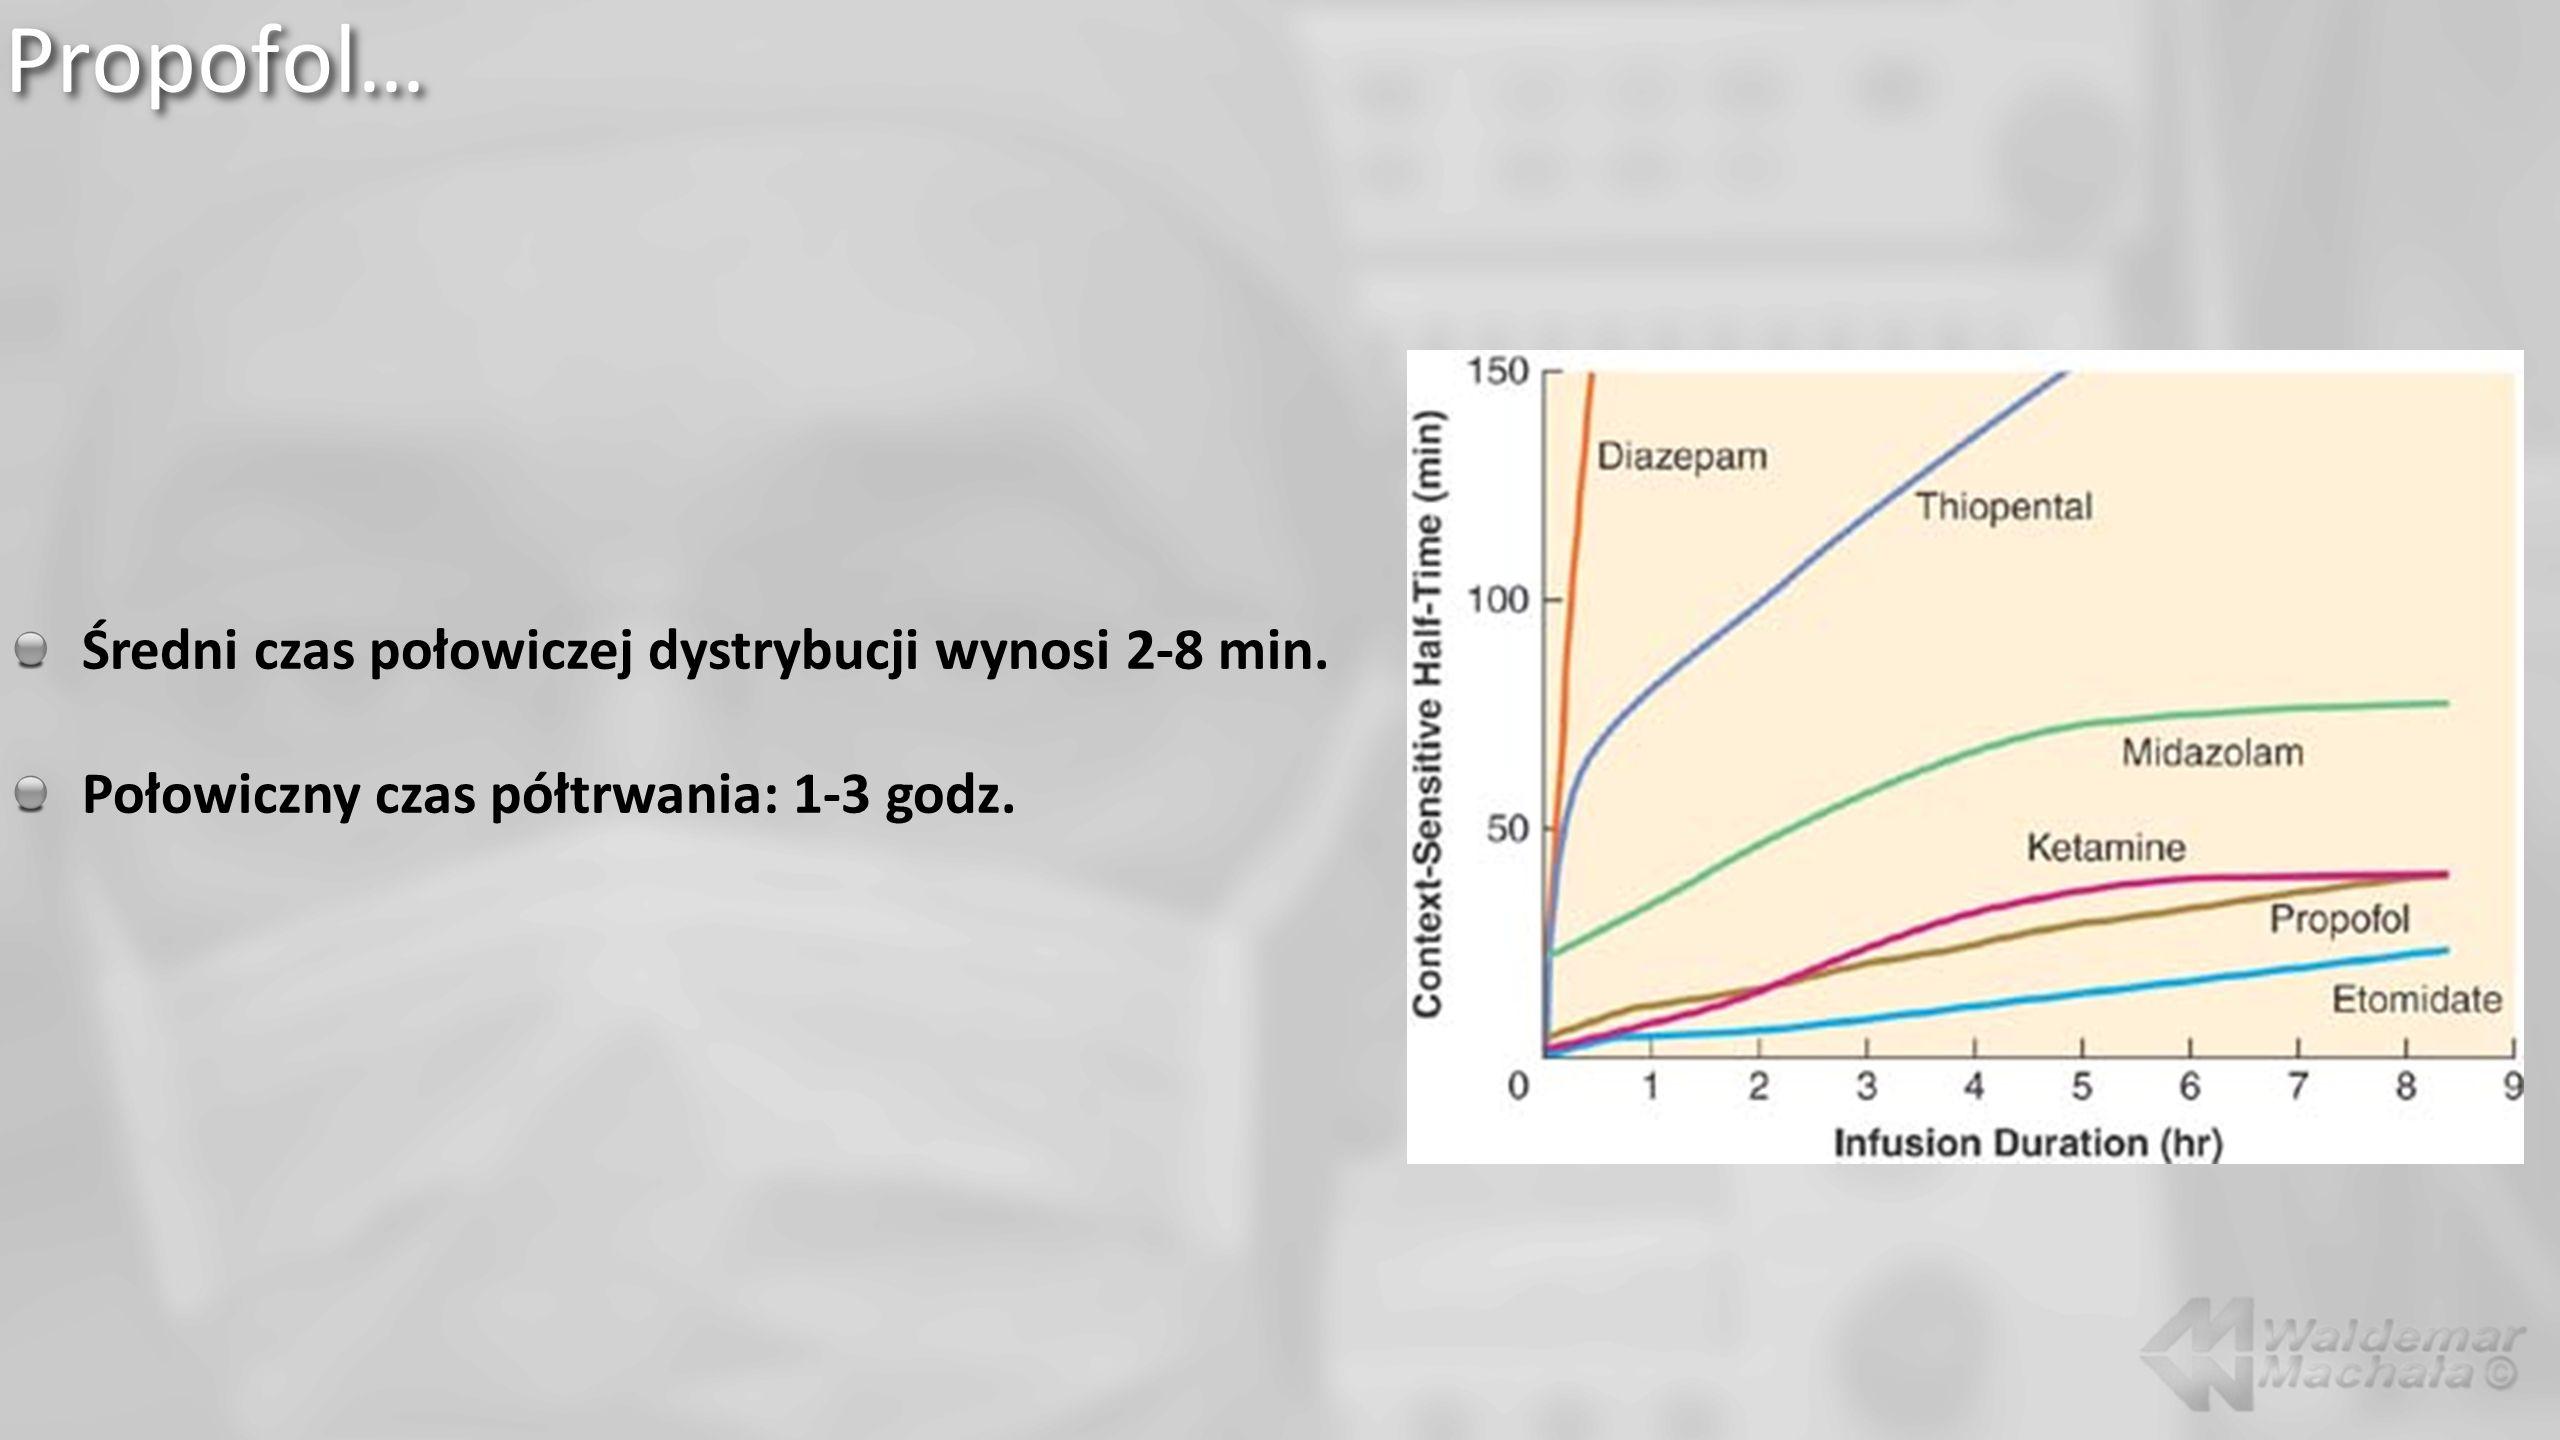 Propofol… Średni czas połowiczej dystrybucji wynosi 2-8 min. Połowiczny czas półtrwania: 1-3 godz.